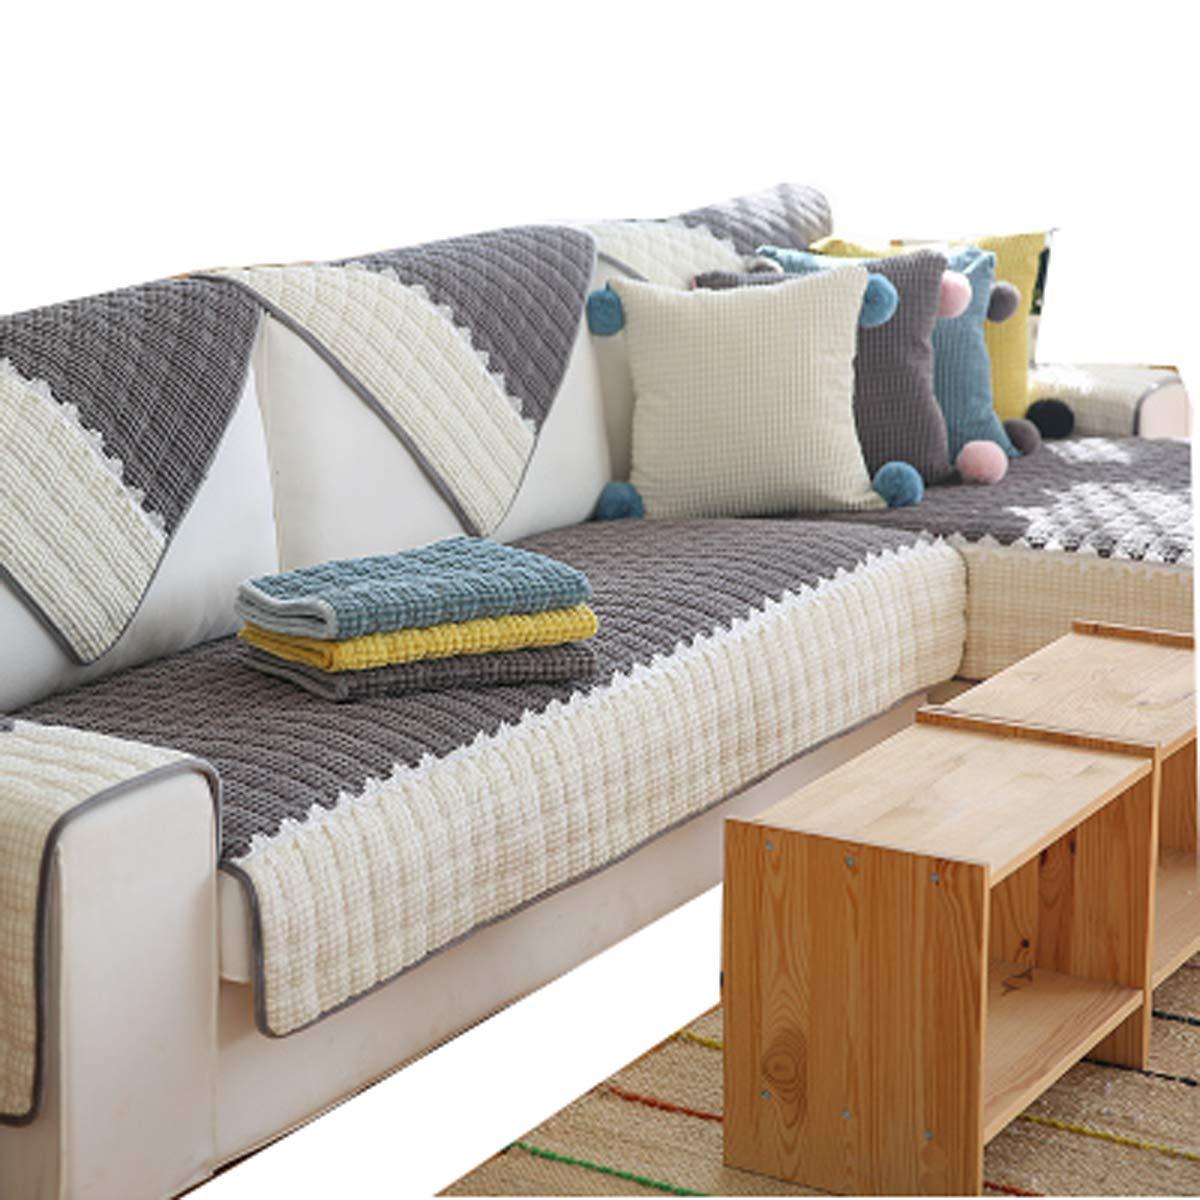 DFamily Plüsch Sofabezug Moderne Einfache Sofa überwürfe Anti-rutsch Schmutzabweißend Möbel Protector Für Wohnzimmer-Grau 70x150cm(28x59inch)(1 Stück)